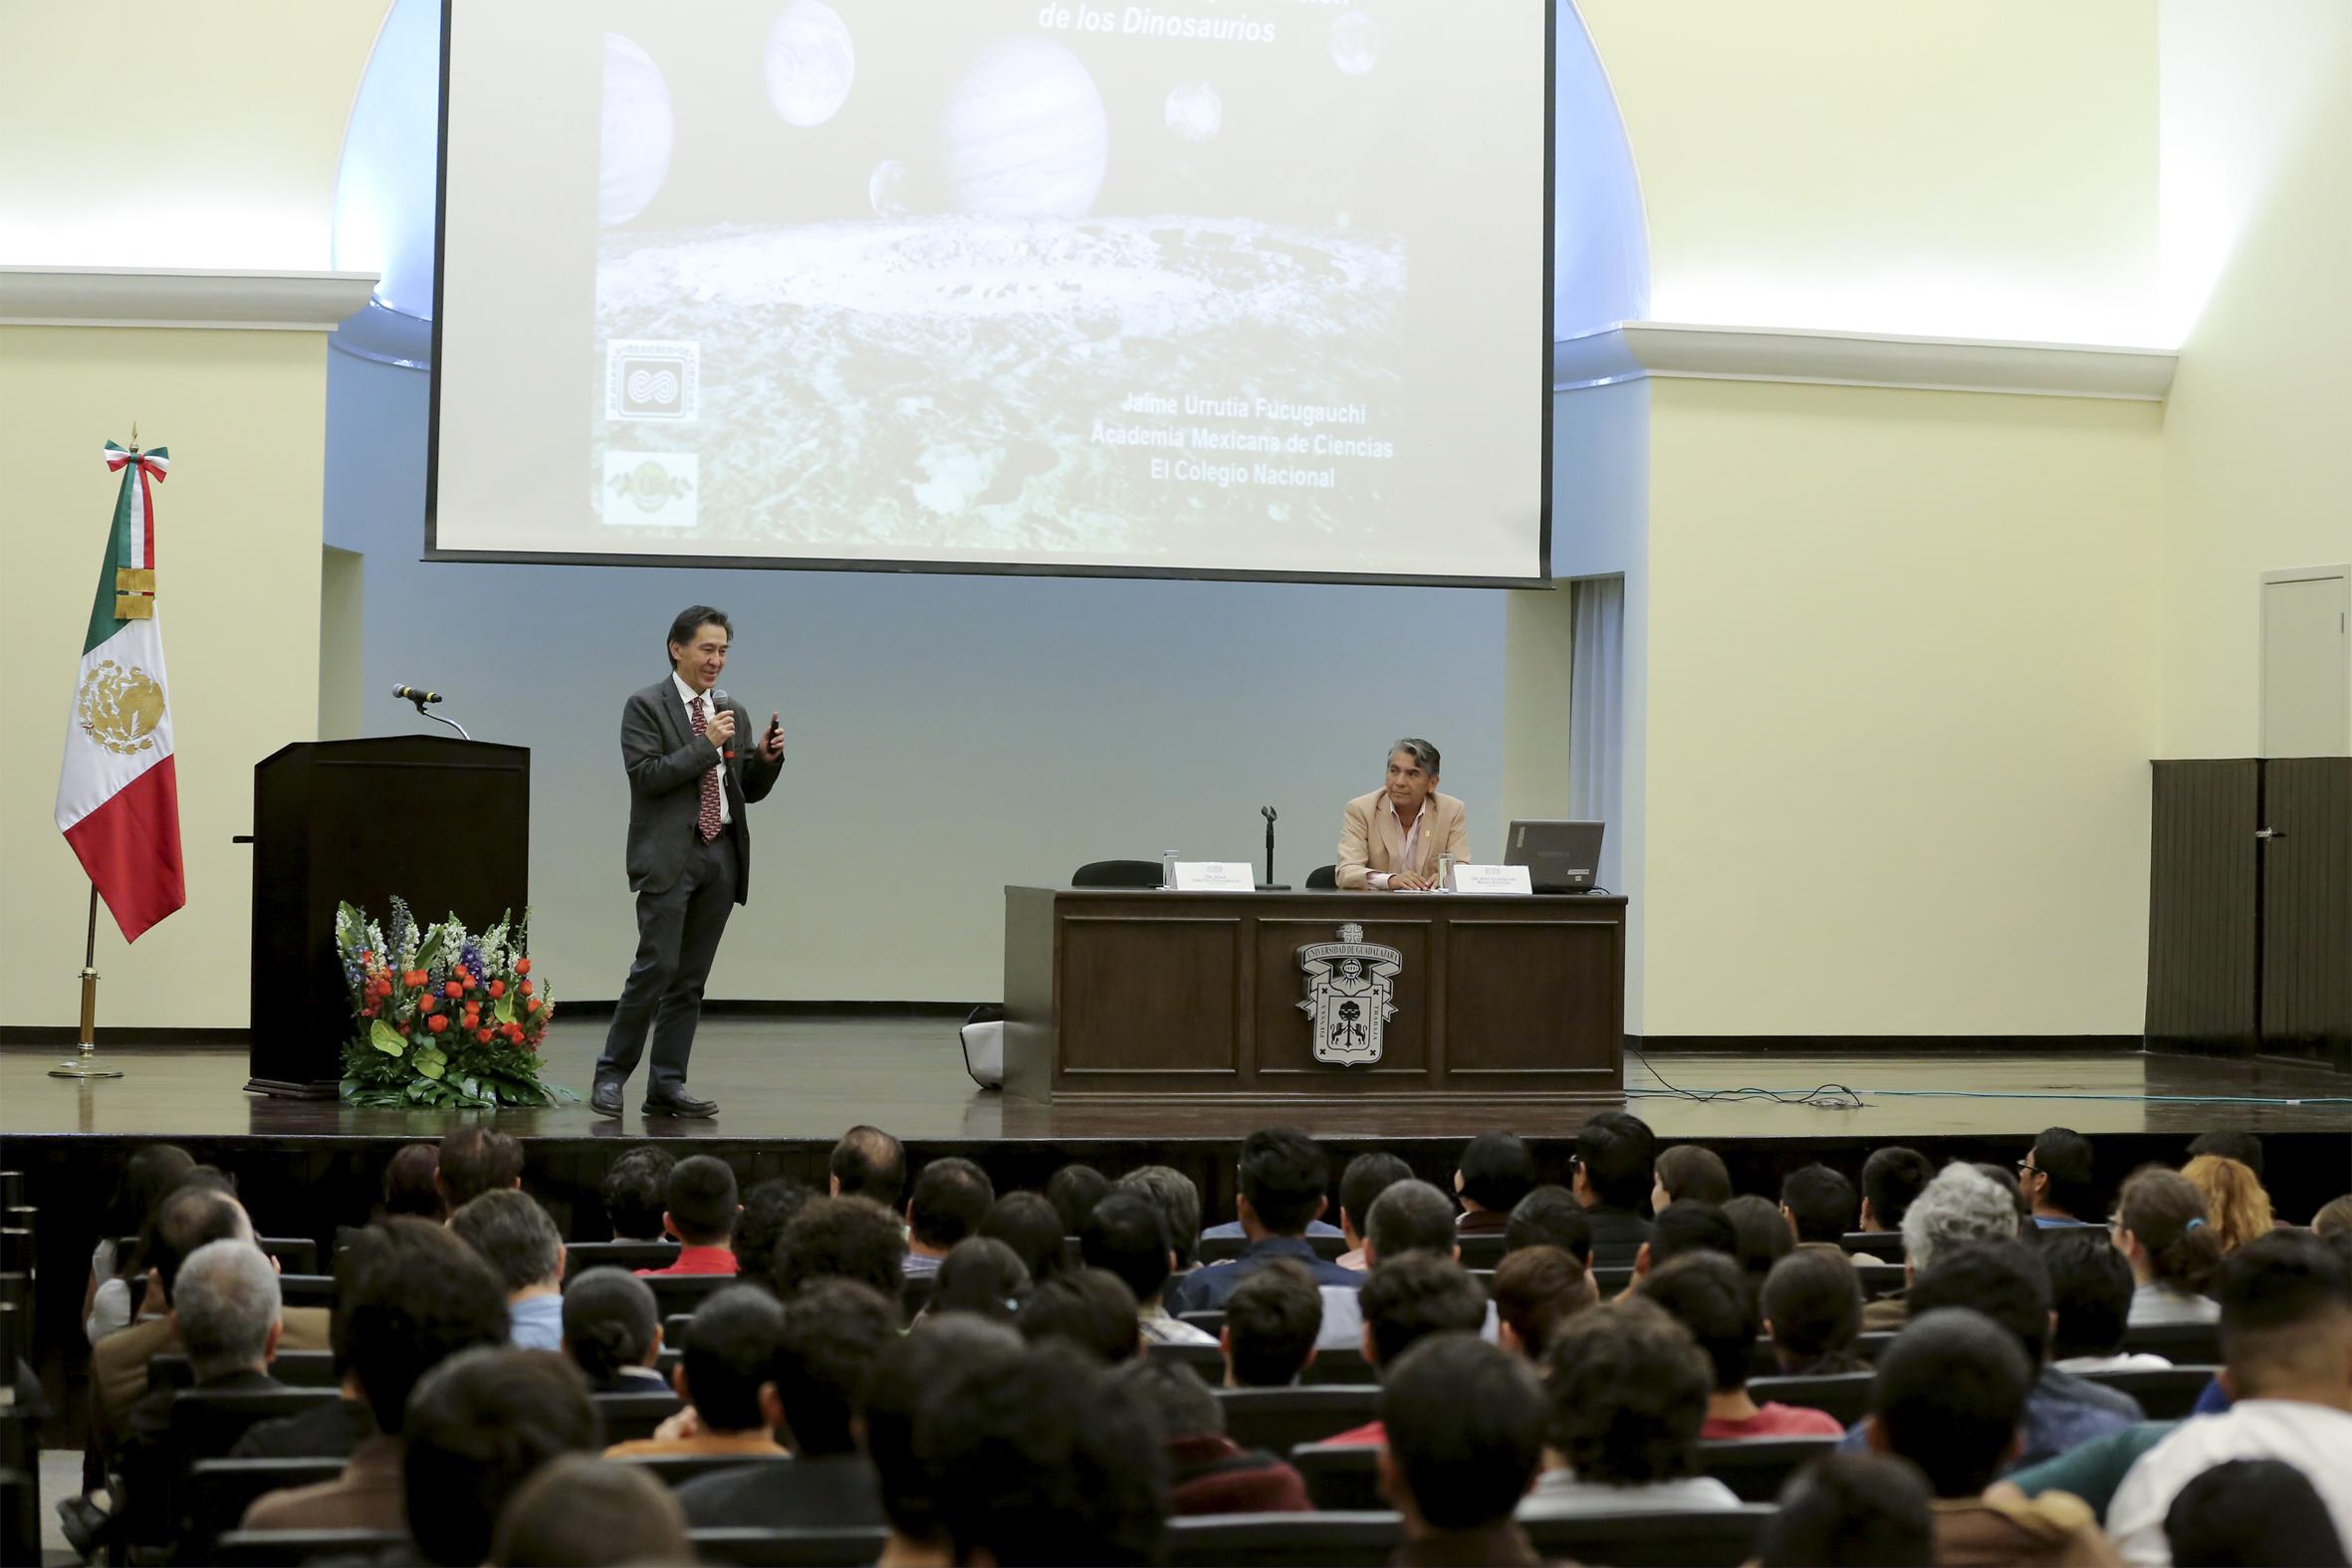 Conferencia magistral impartida por el Dr. Jaime Urrutia Fucugauchi